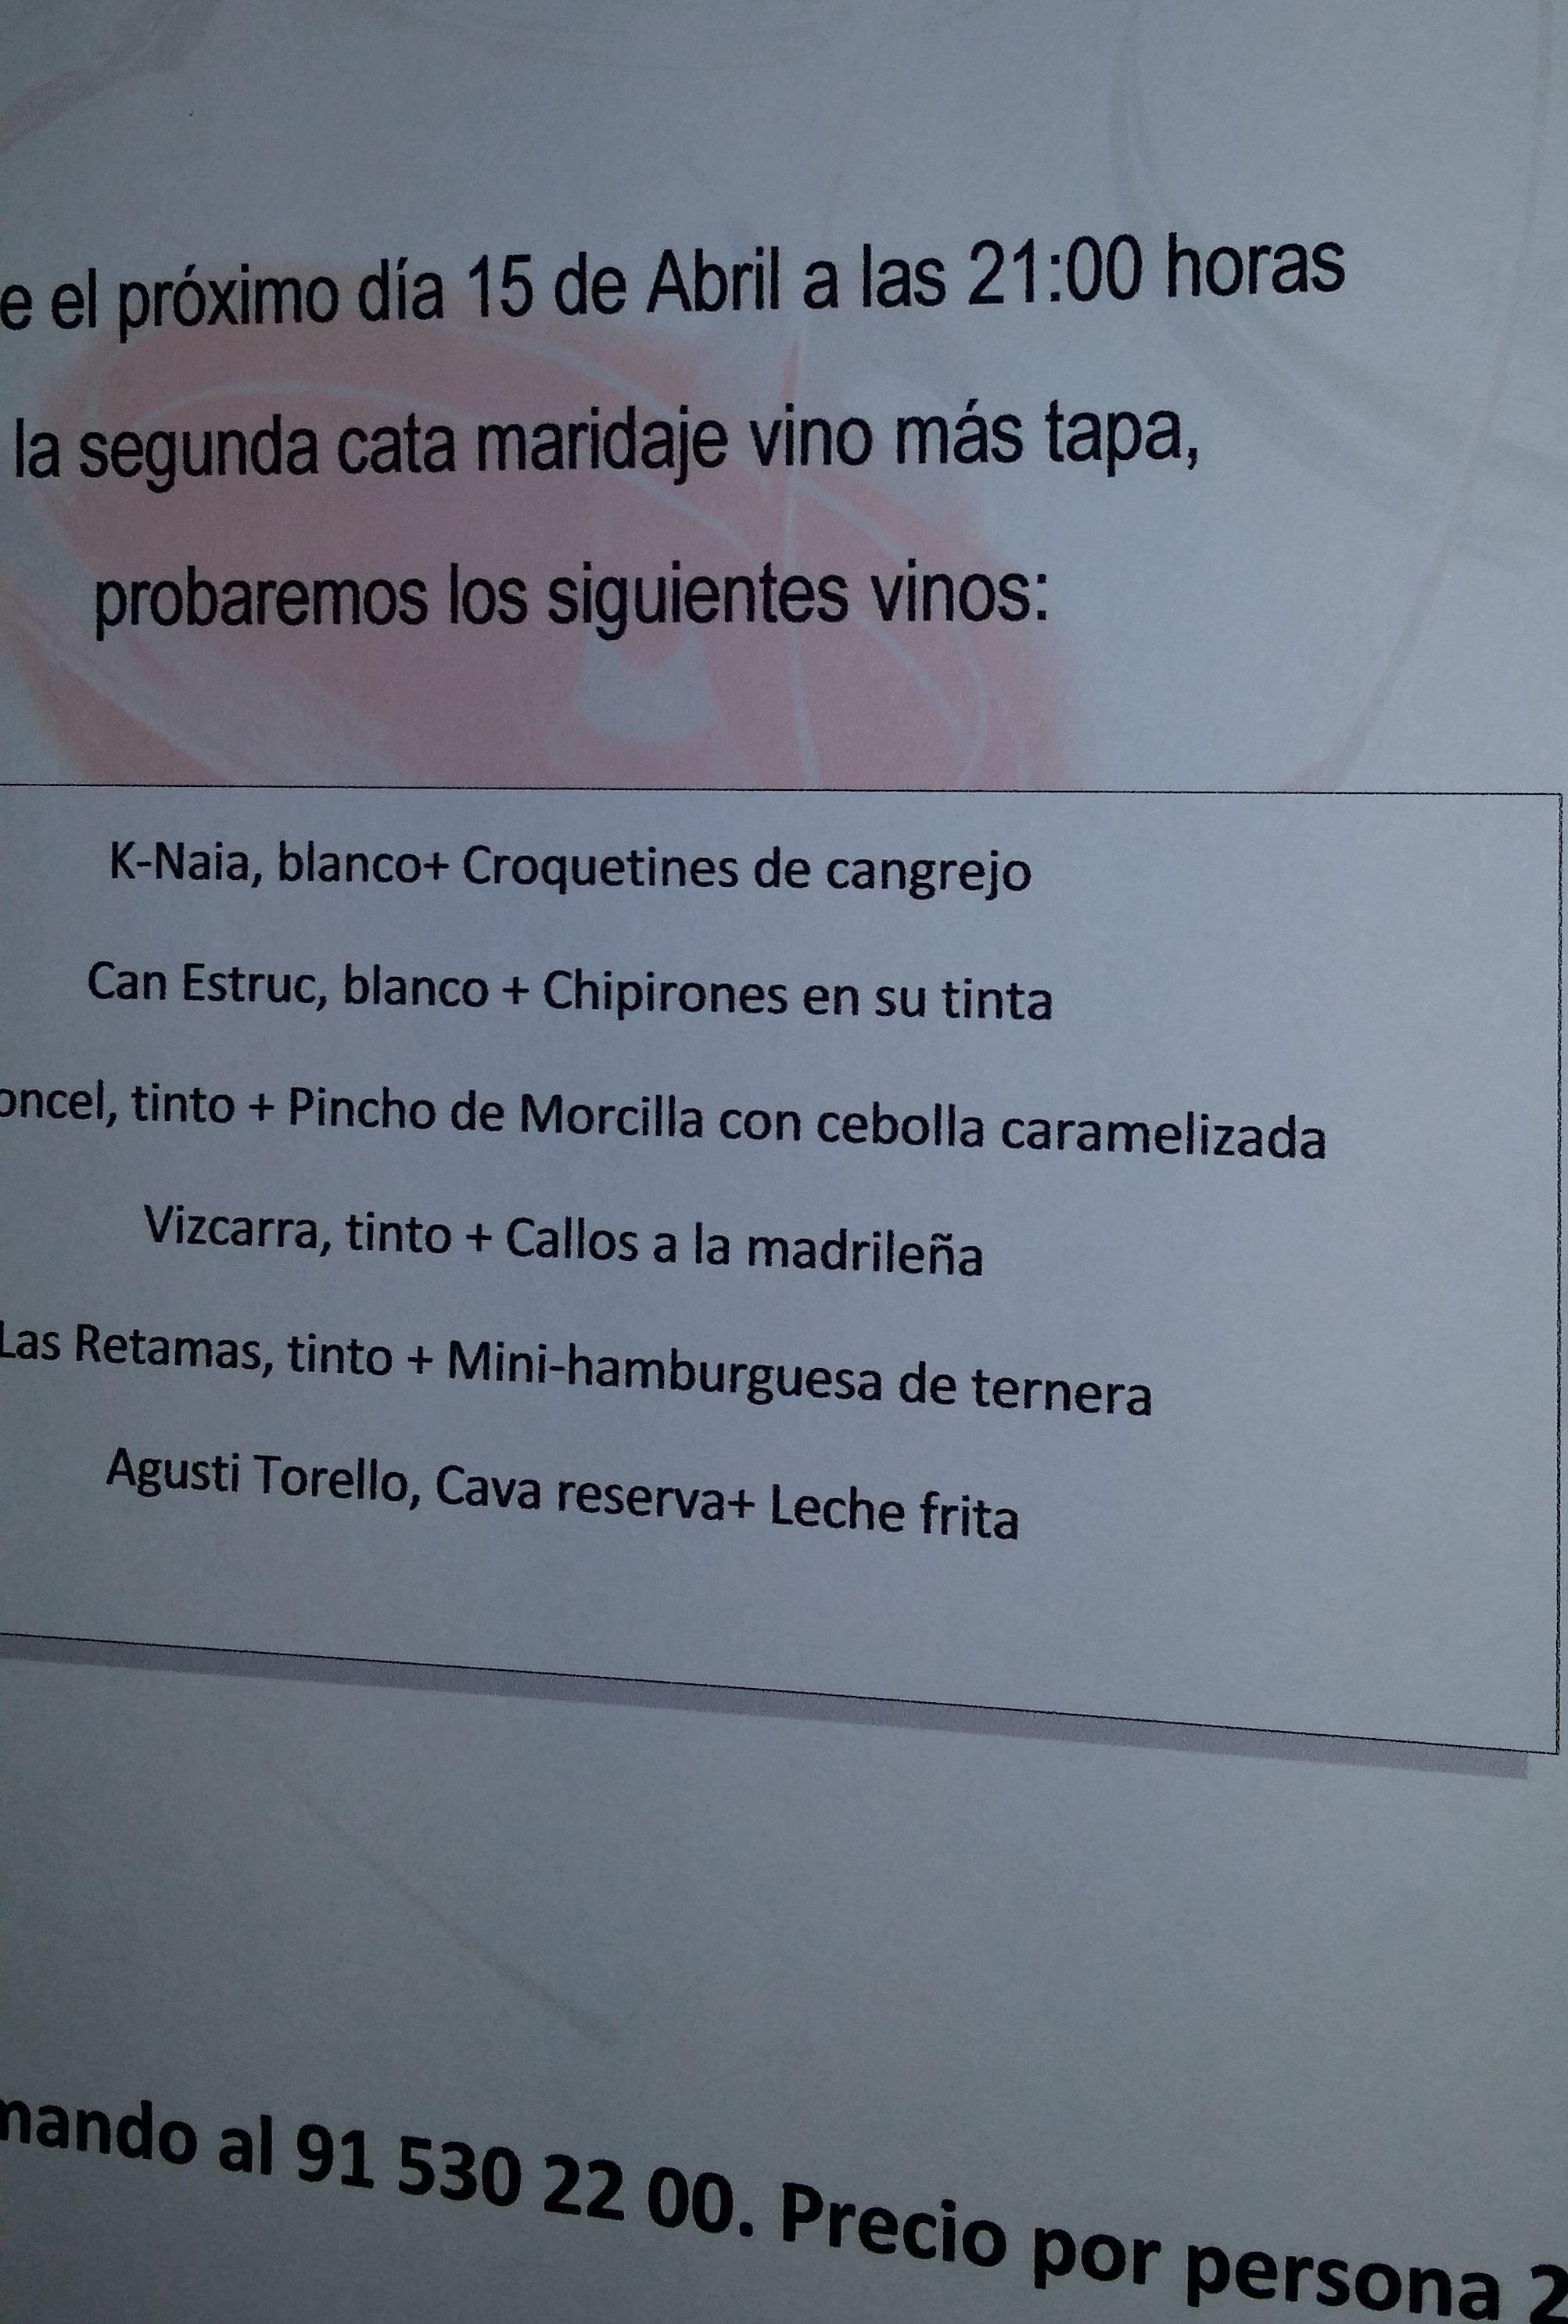 CATA MARIDAJE EN CAFETERÍA LA REJA.